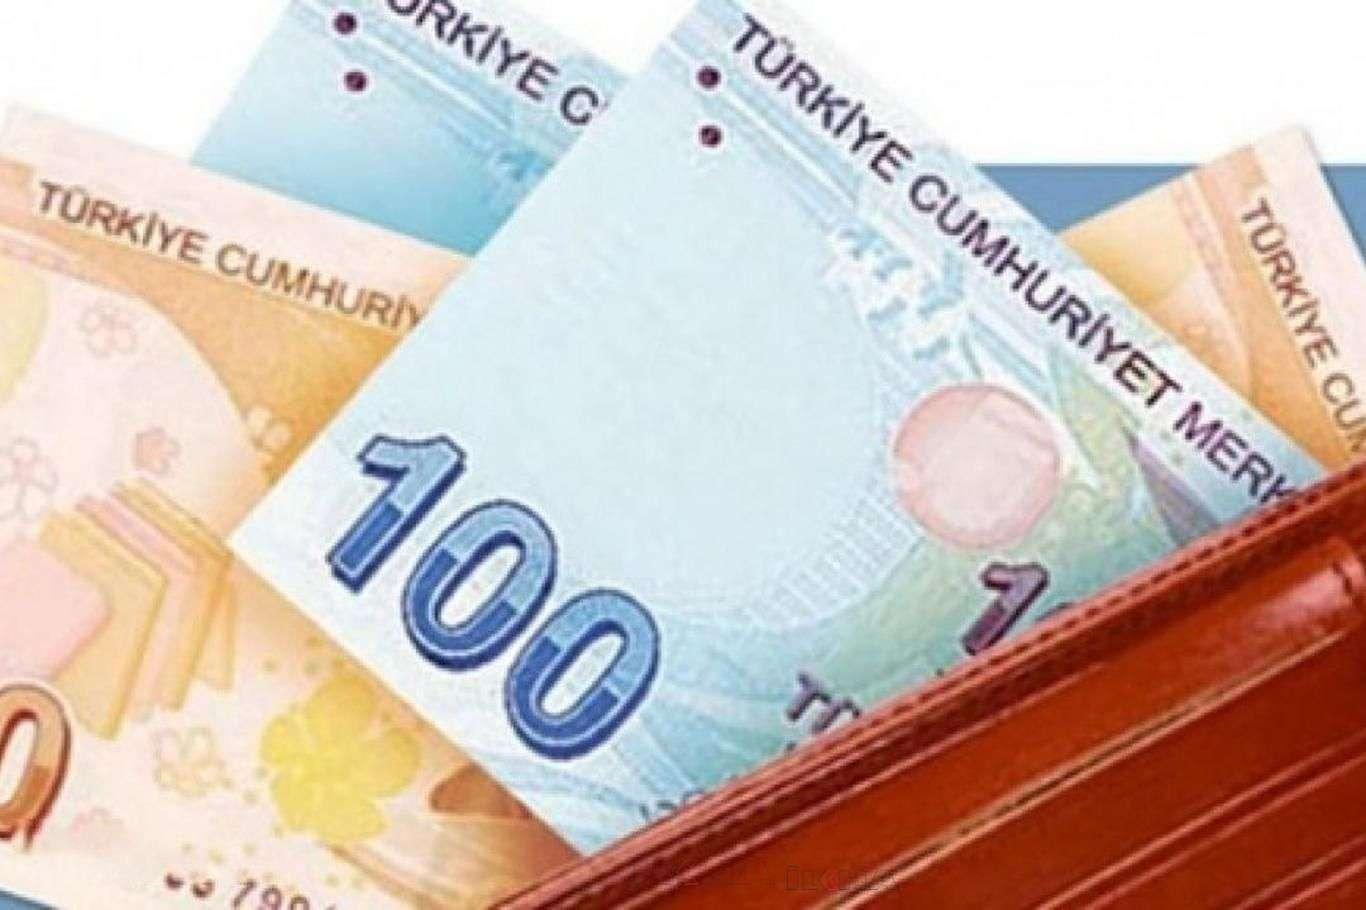 Halkbank'tan Kredi Alan Esnafa Müjde! Kredi Borçları Ertelendi